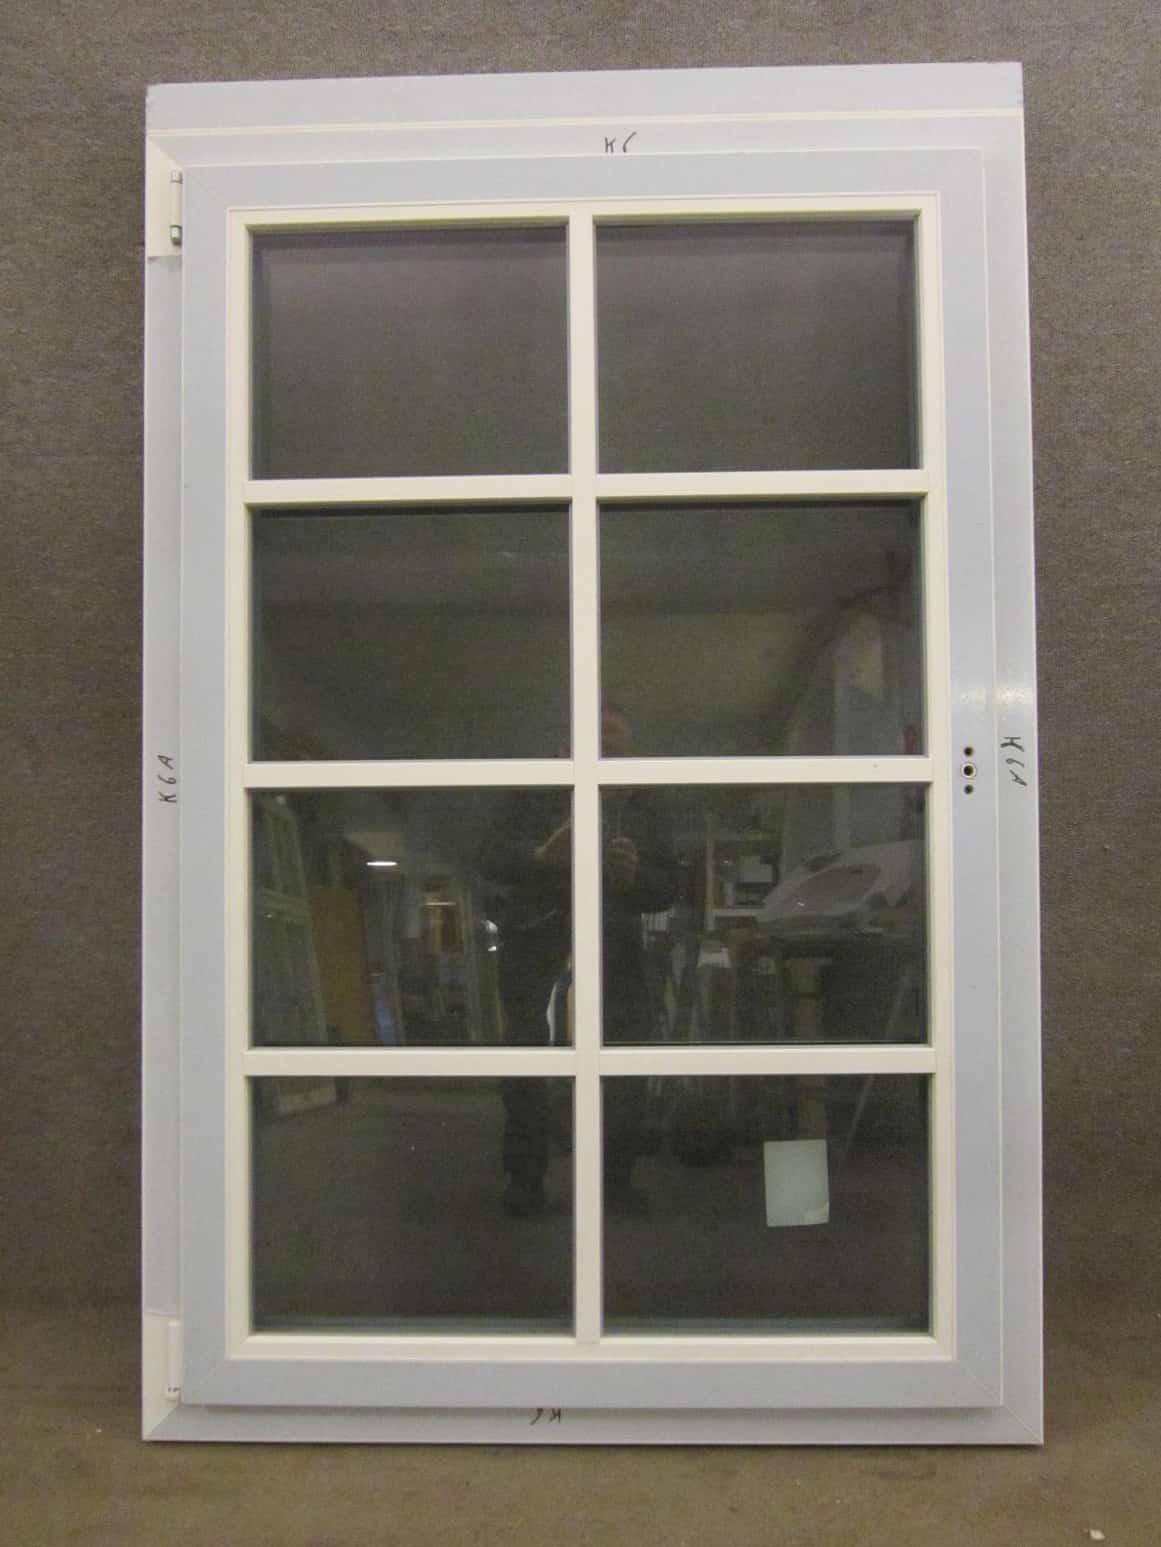 Baugleiche Fenster